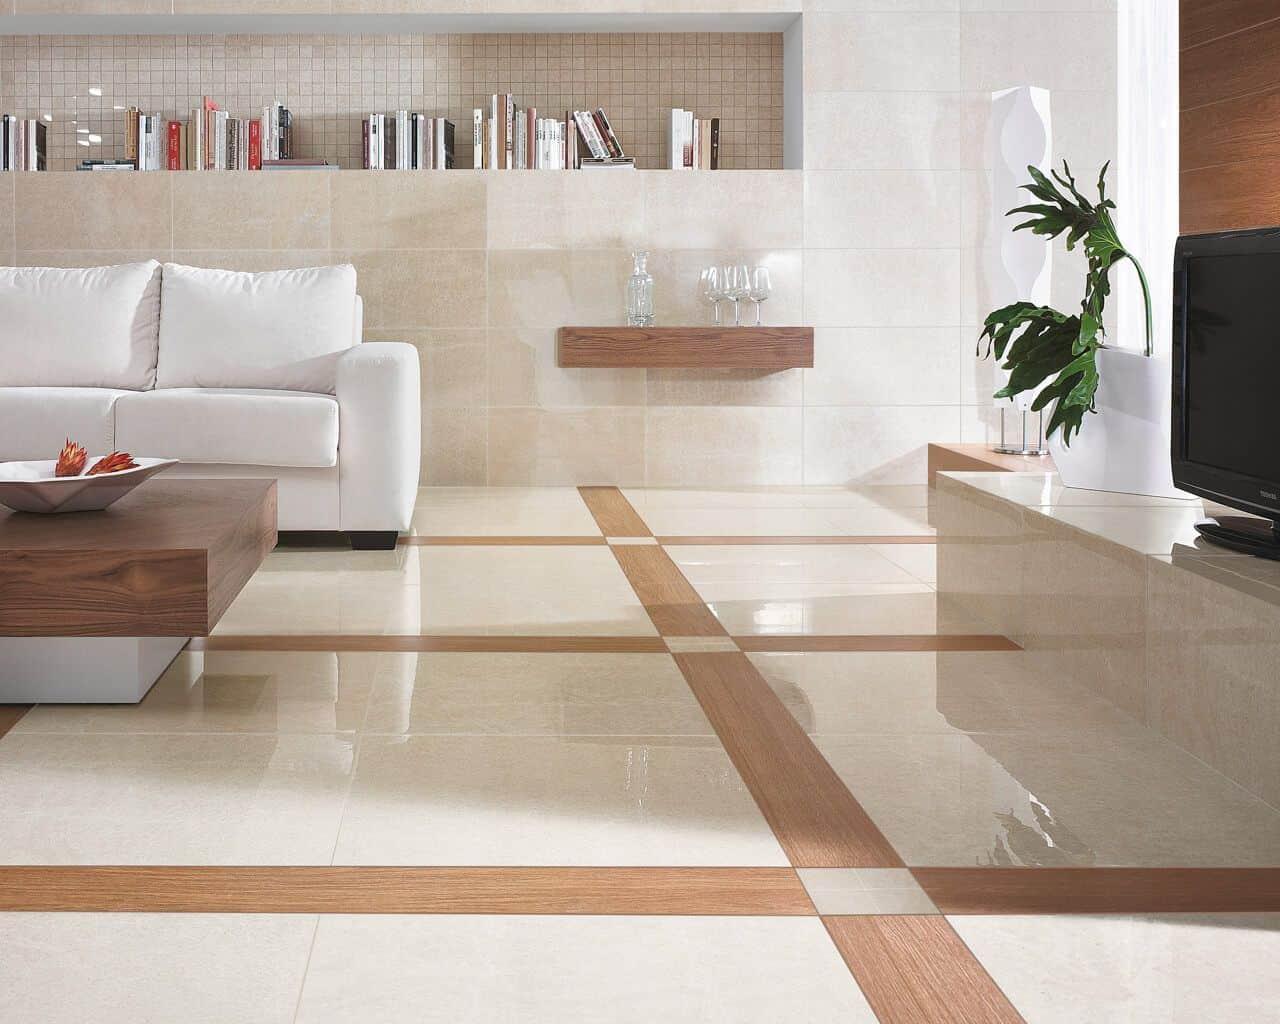 marble crema marfil na sala